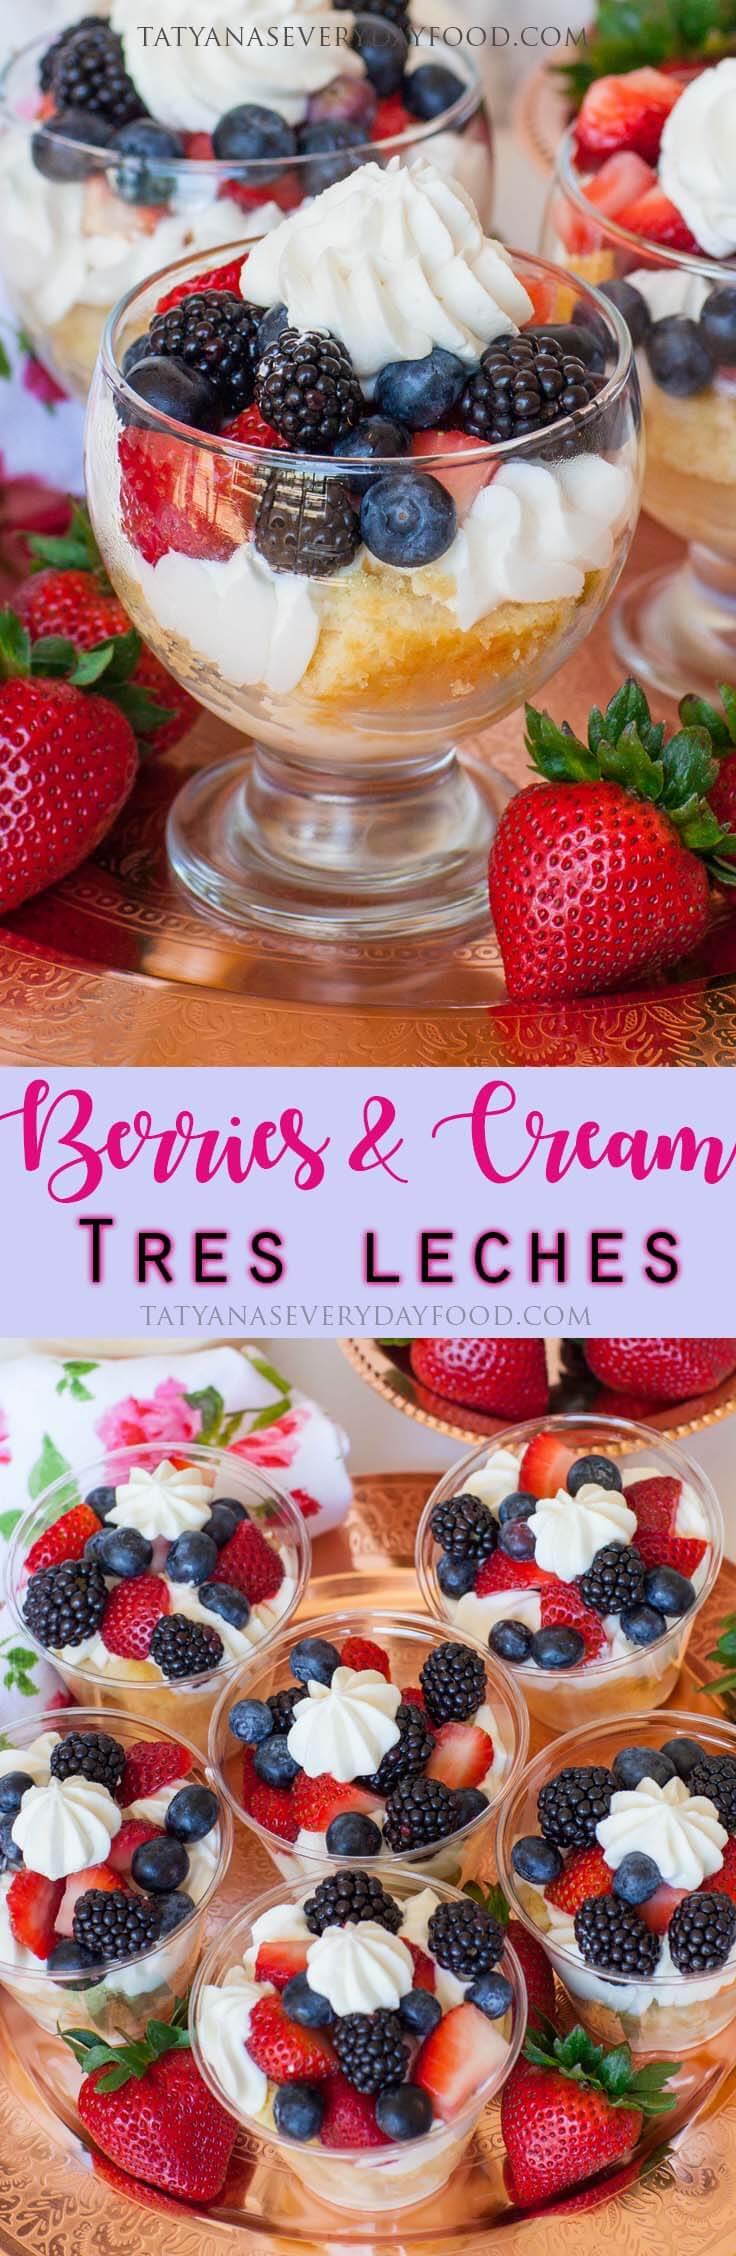 Berries & Cream Tres Leches Cake Parfait video recipe